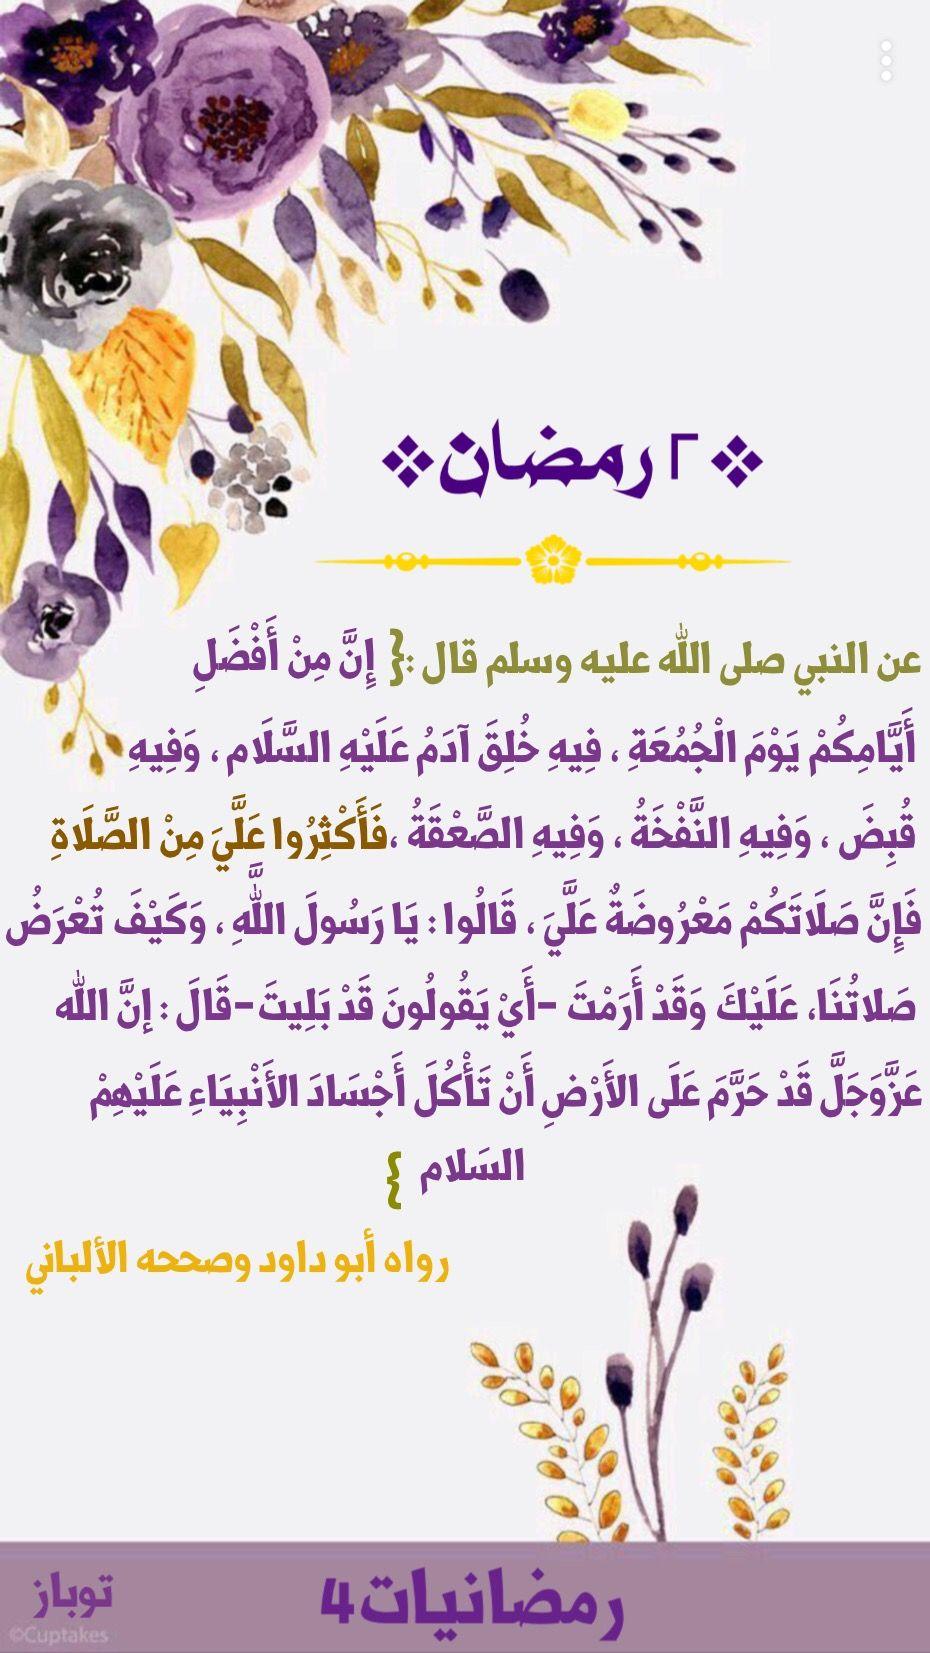 رمضان فوائد نصائح الصلاة الرسول الصلاة على النبي Ramadan Quotes Ramadan Prayer Ramadan